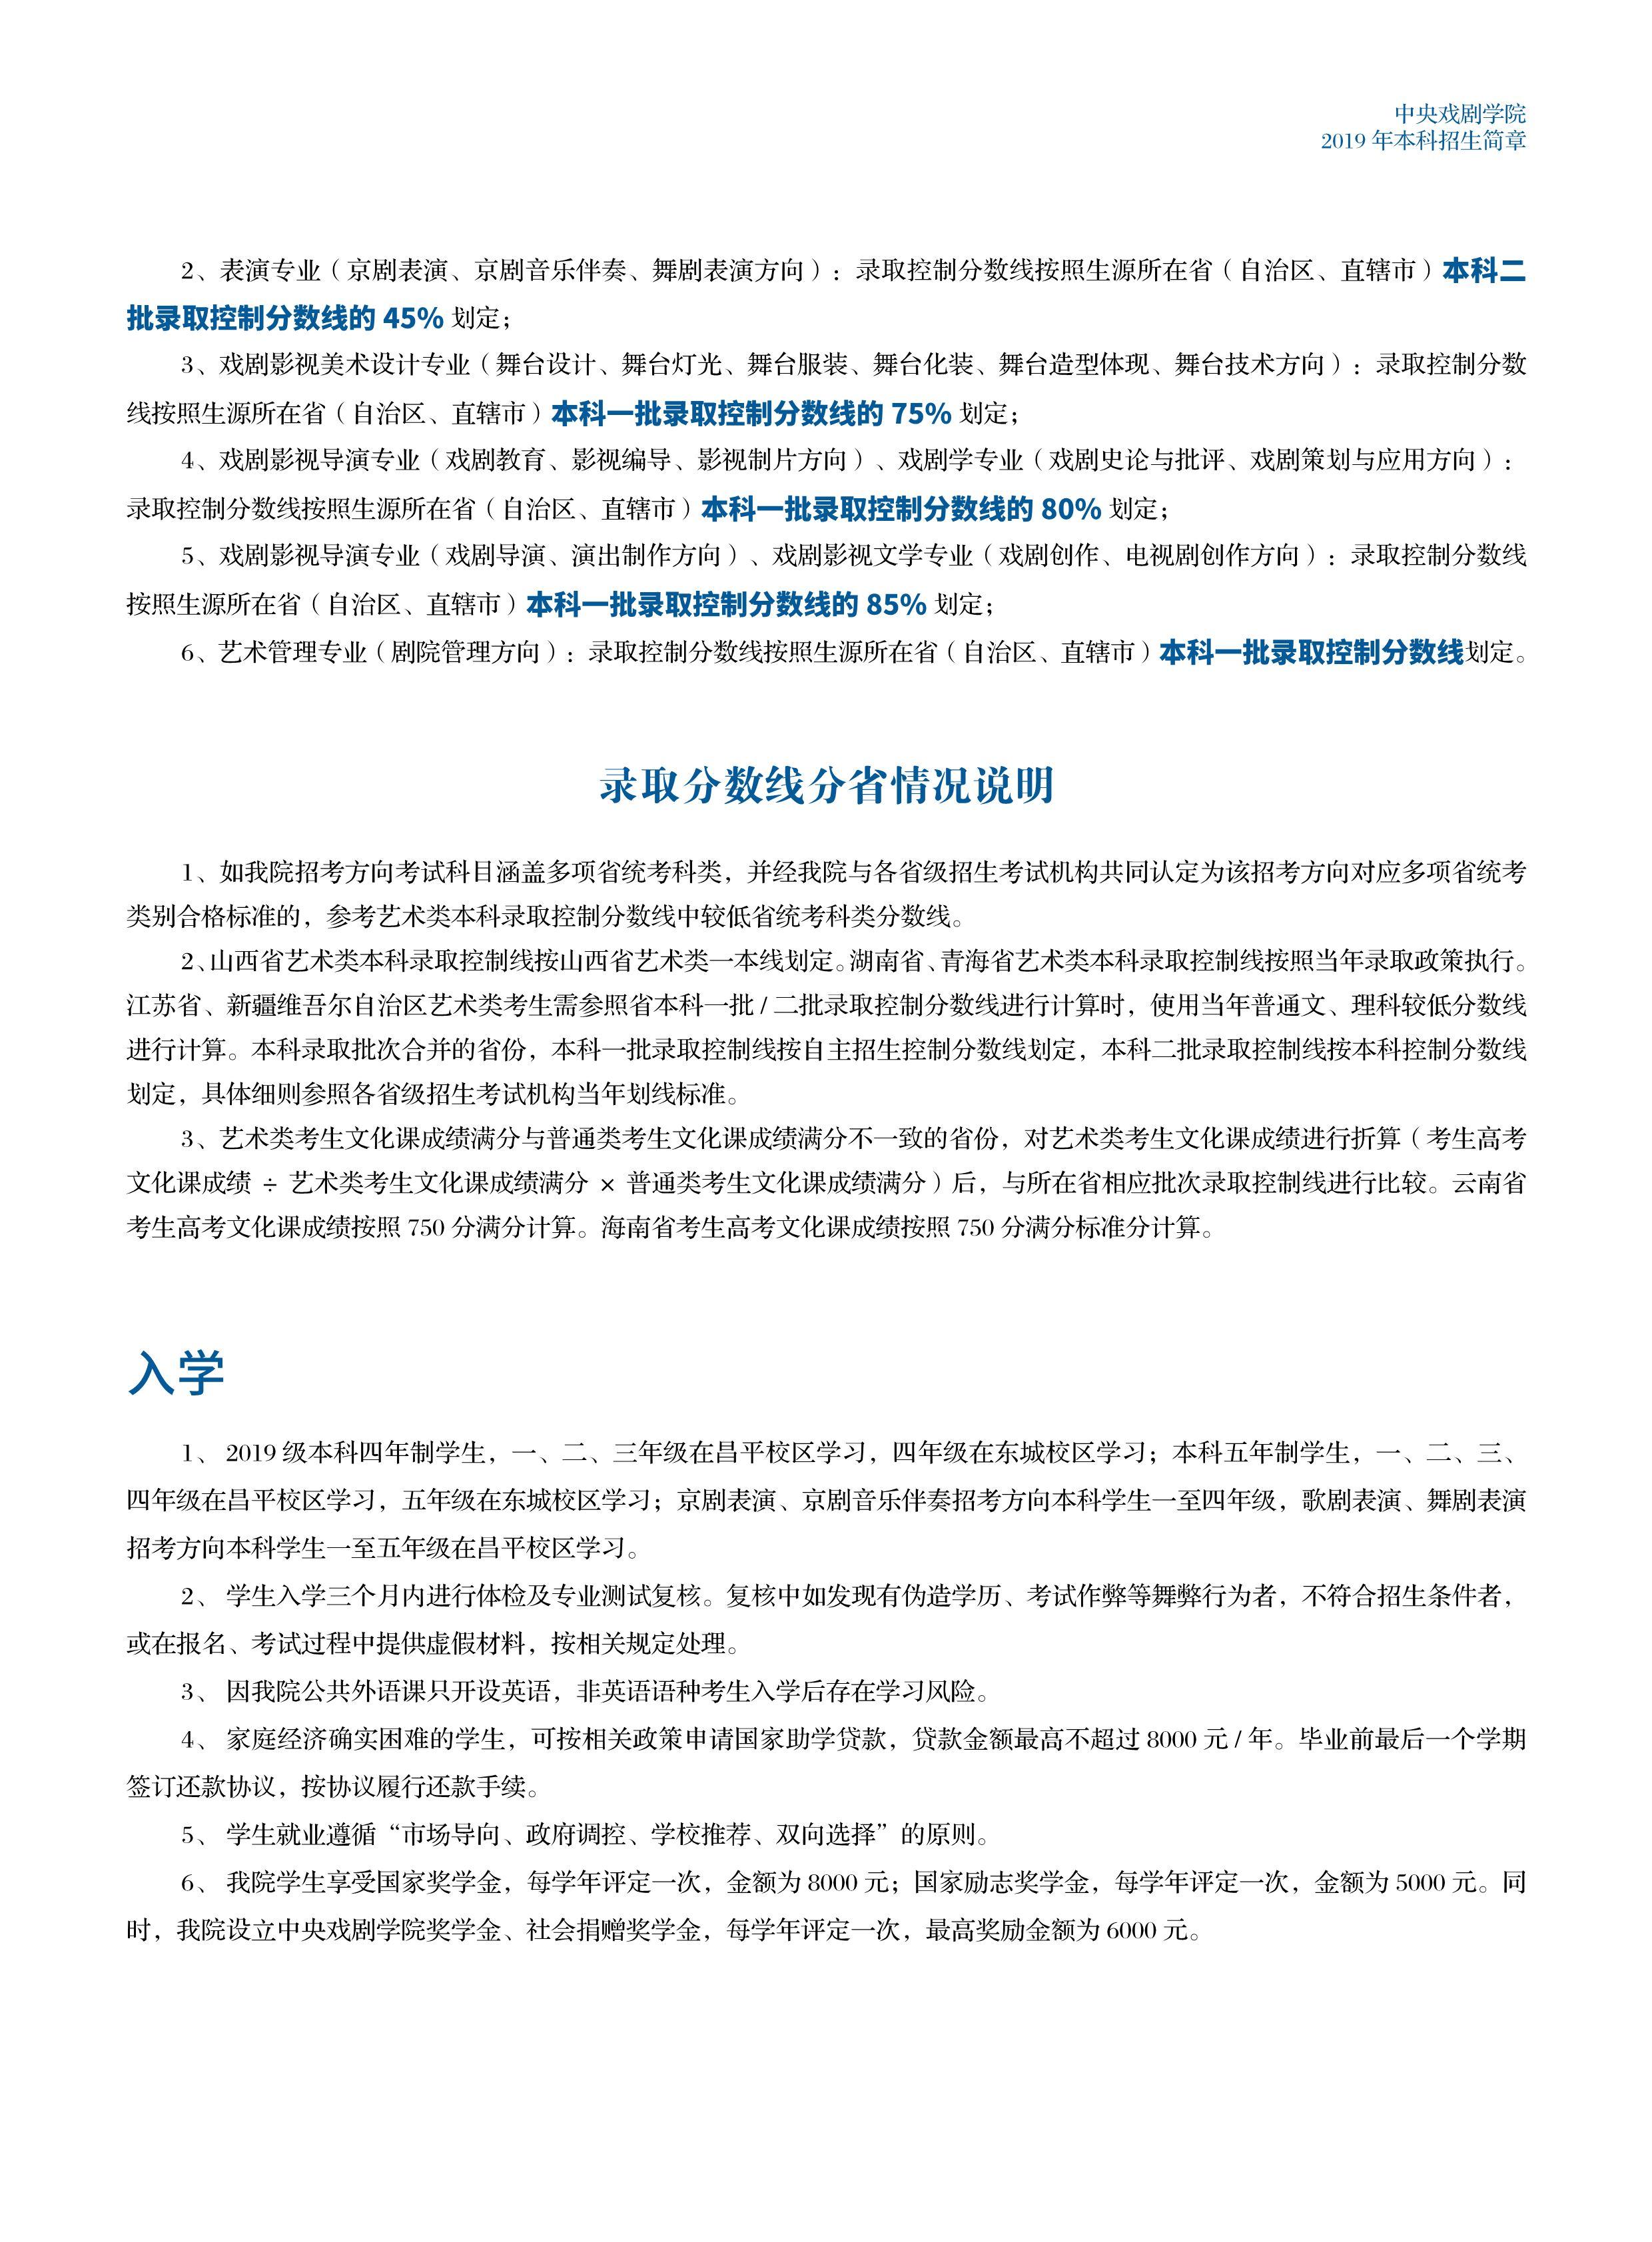 中心戲劇學院2019年本科招生簡章09